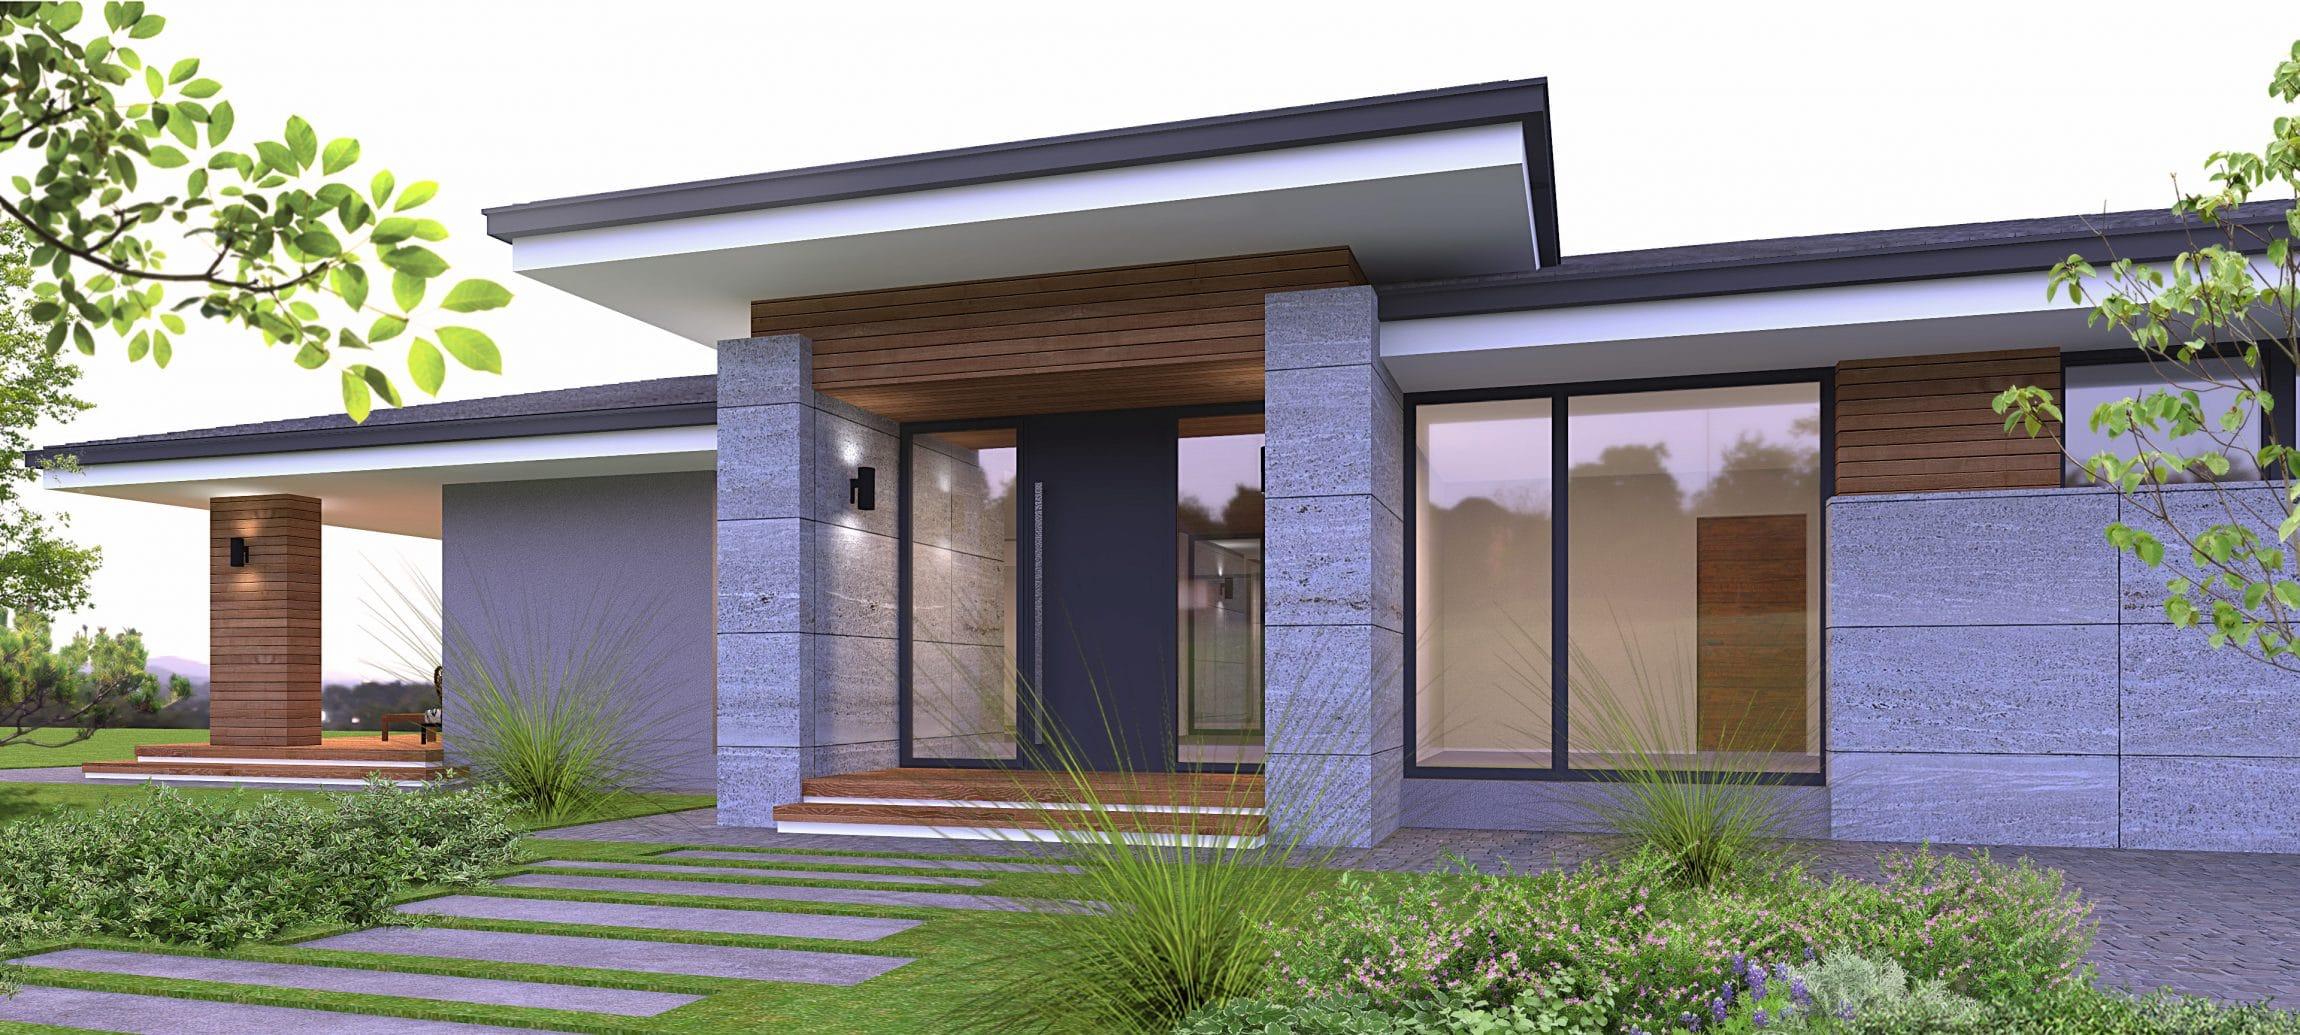 Casa parter 177mp - proiect arhitectura pentru autorizatie